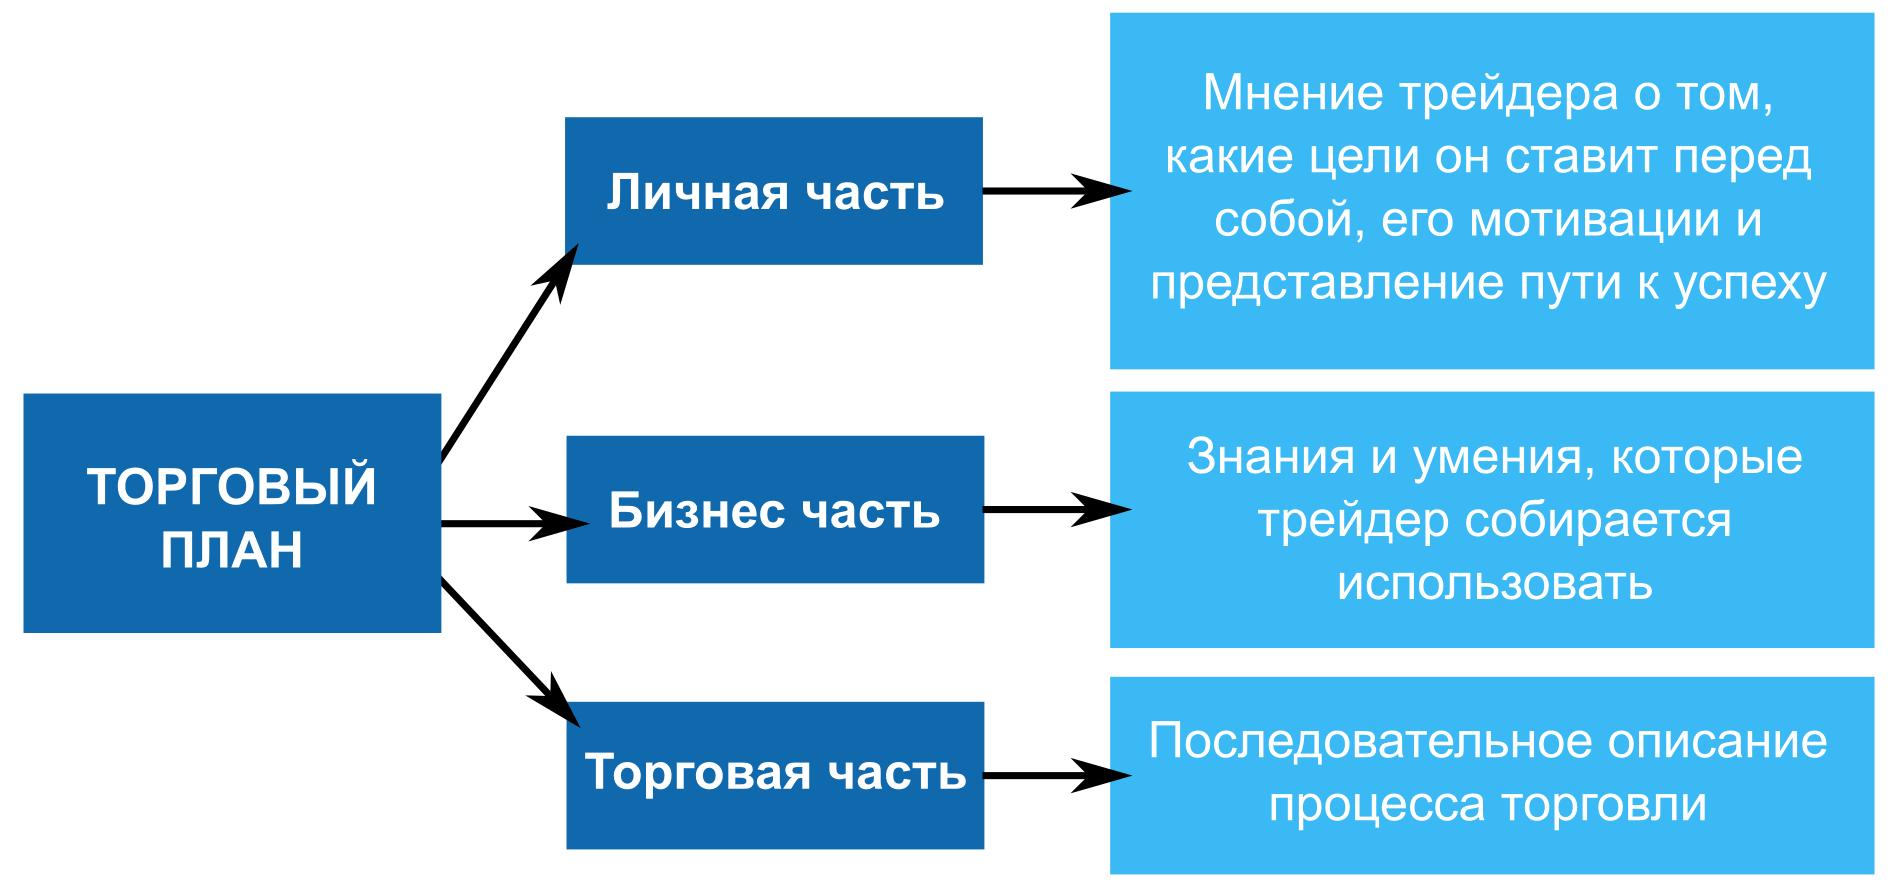 Три составляющие